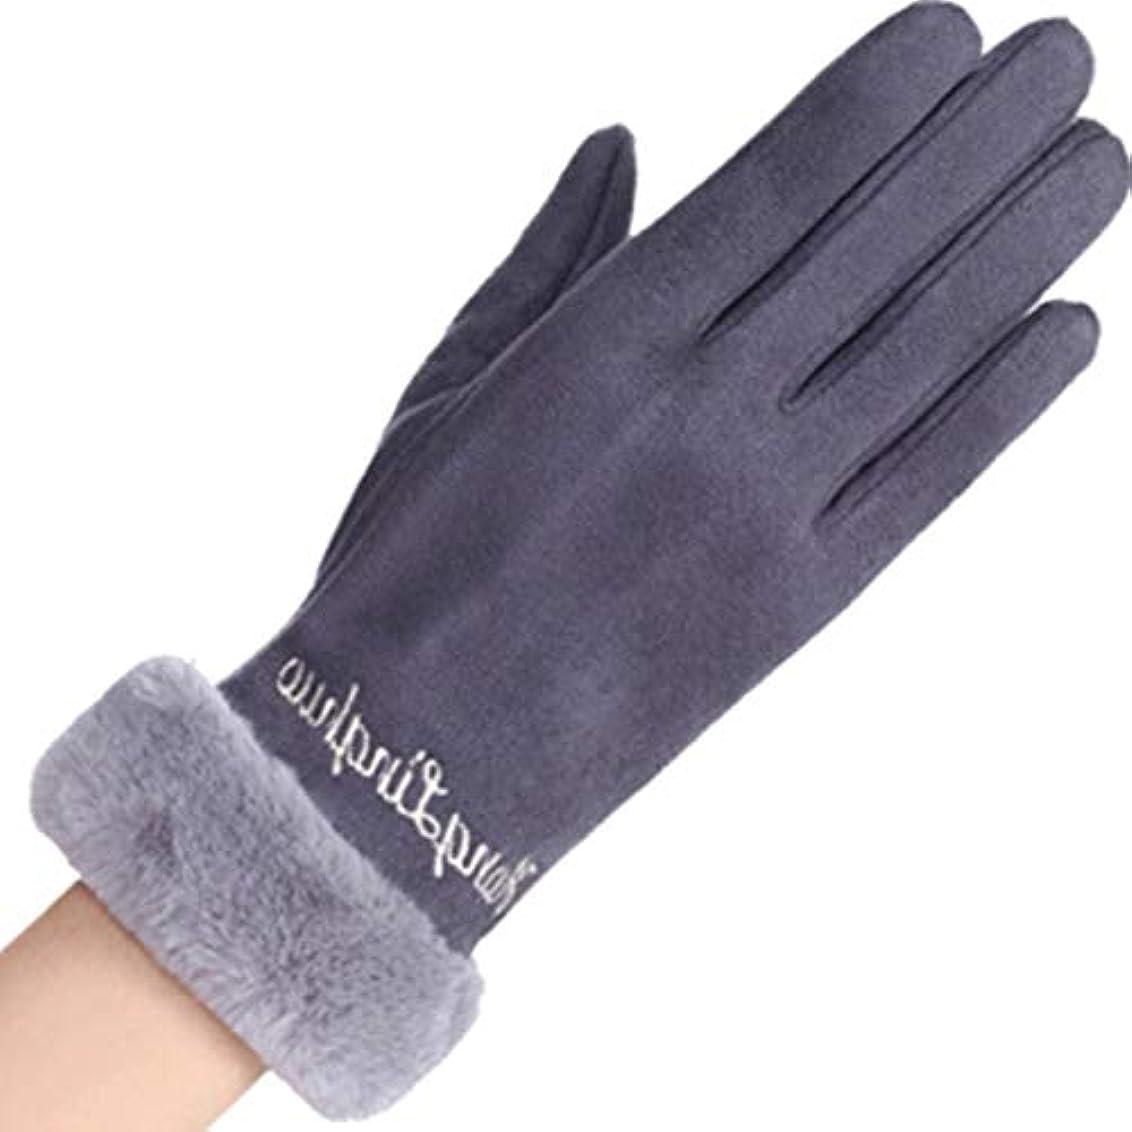 味葉っぱ結婚した手袋の女性の暖かいタッチスクリーンの携帯電話春と秋の冬の防風レターレディースウール手袋黒灰色の粉 (色 : Gray)